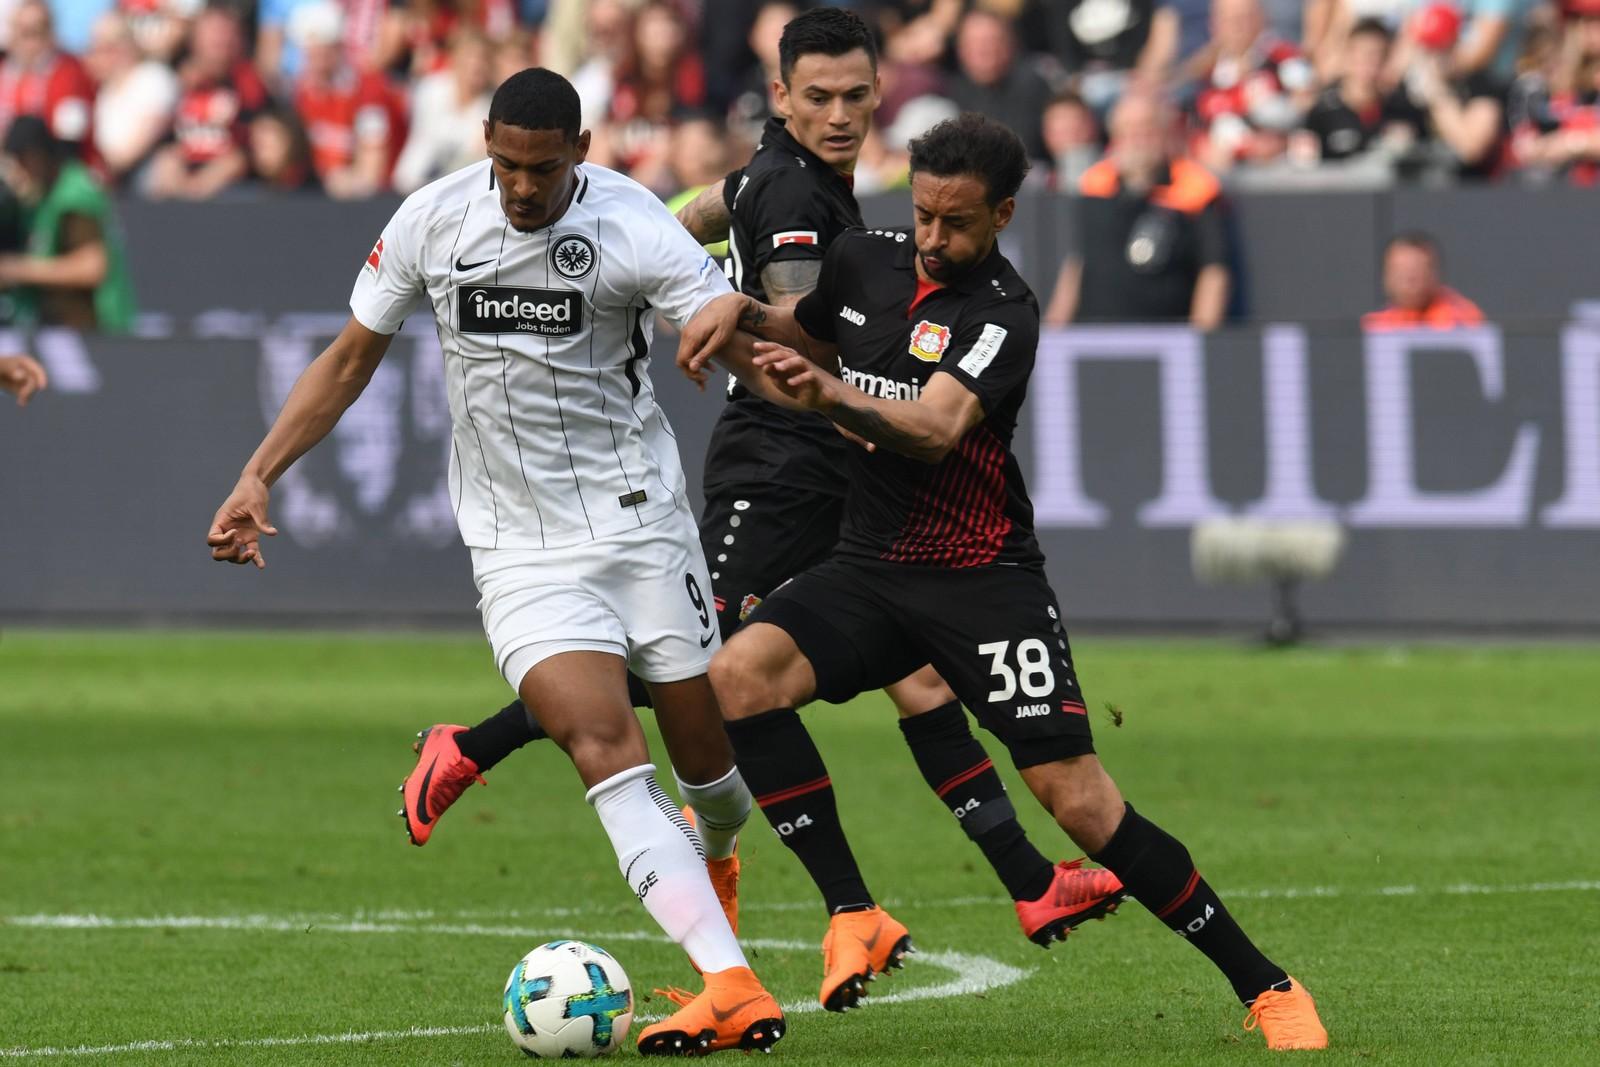 Bleibt Leverkusen gegen Frankfurt zum vierten Mal in Folge ungeschlagen? Jetzt auf Frankfurt gegen Leverkusen wetten!